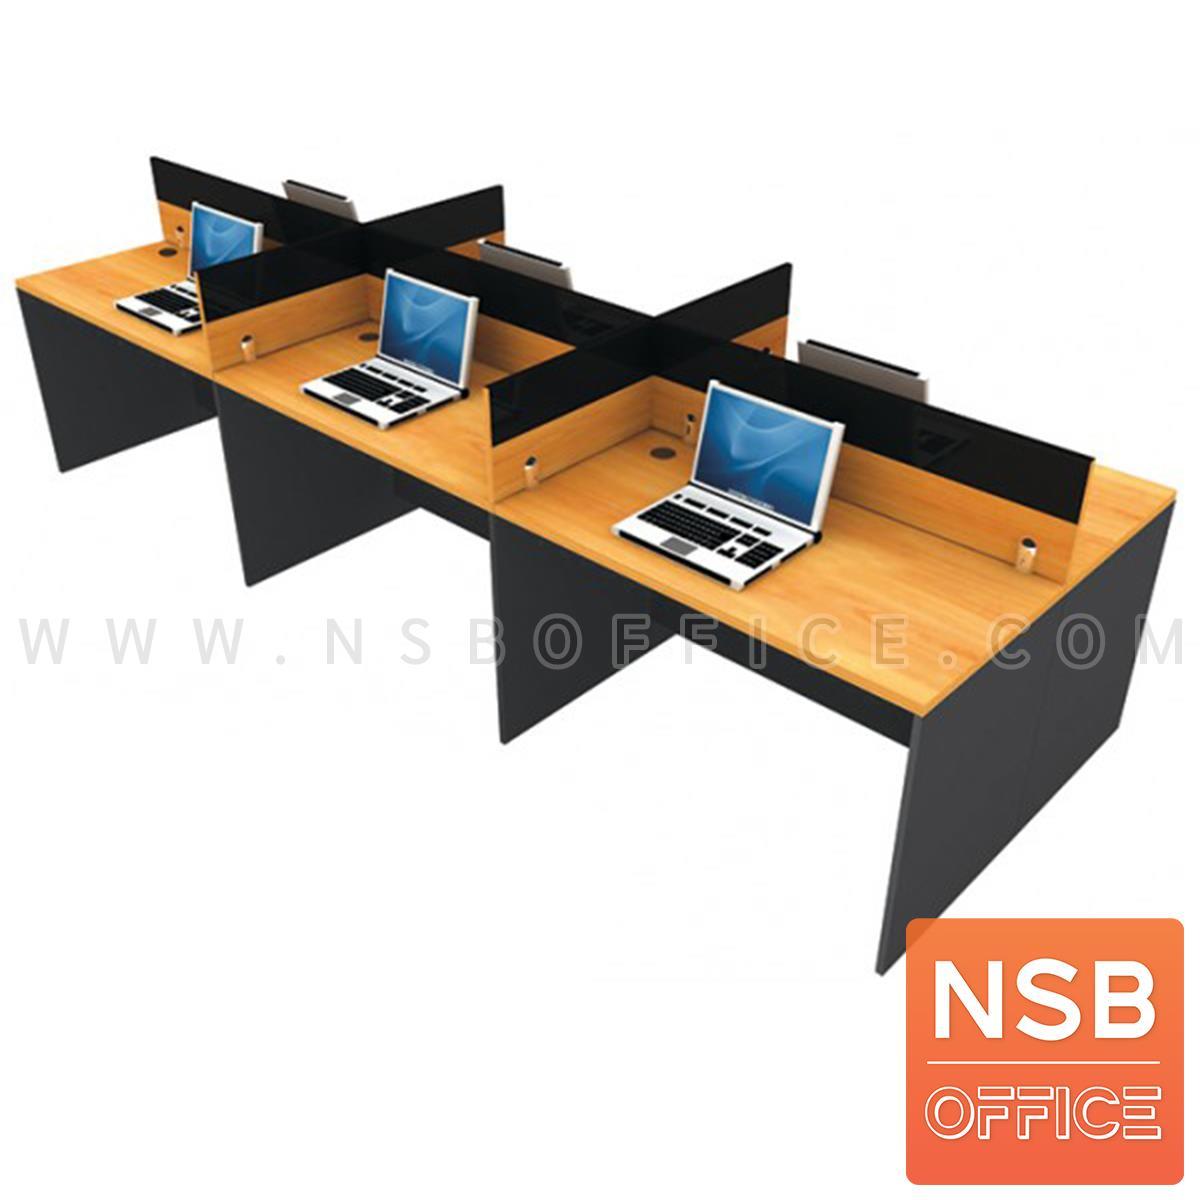 A02A022:โต๊ะทำงานกลุ่ม 6 ที่ันั่ง รุ่น Multi (มัลติ) ขนาด 364W*120D cm. พร้อมมินิสกรีน